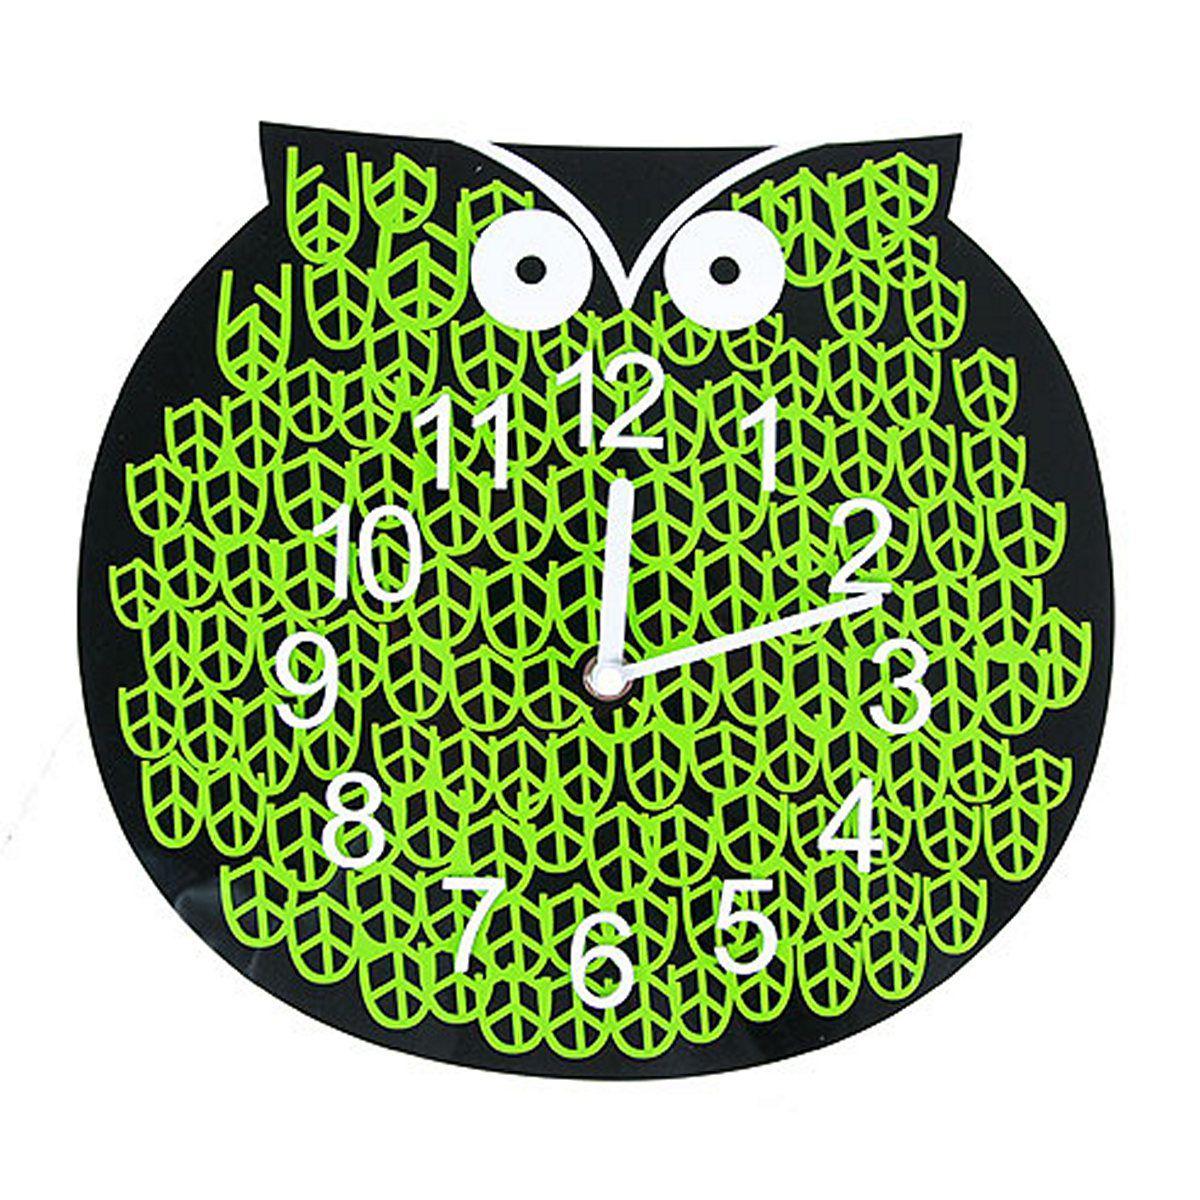 Часы настенные Русские Подарки, диаметр 30 см. 122417SC - WC1001IНастенные кварцевые часы Русские Подарки изготовлены из полиамида. Корпус оформлен изображением совы. Часы имеют две стрелки - часовую и минутную. С обратной стороны имеетсяпетелька для подвешивания на стену.Такие часы красиво и оригинально оформят интерьер дома или офиса. Также часы могут стать уникальным, полезным подарком для родственников, коллег, знакомых и близких.Часы работают от батареек типа АА (в комплект не входят).